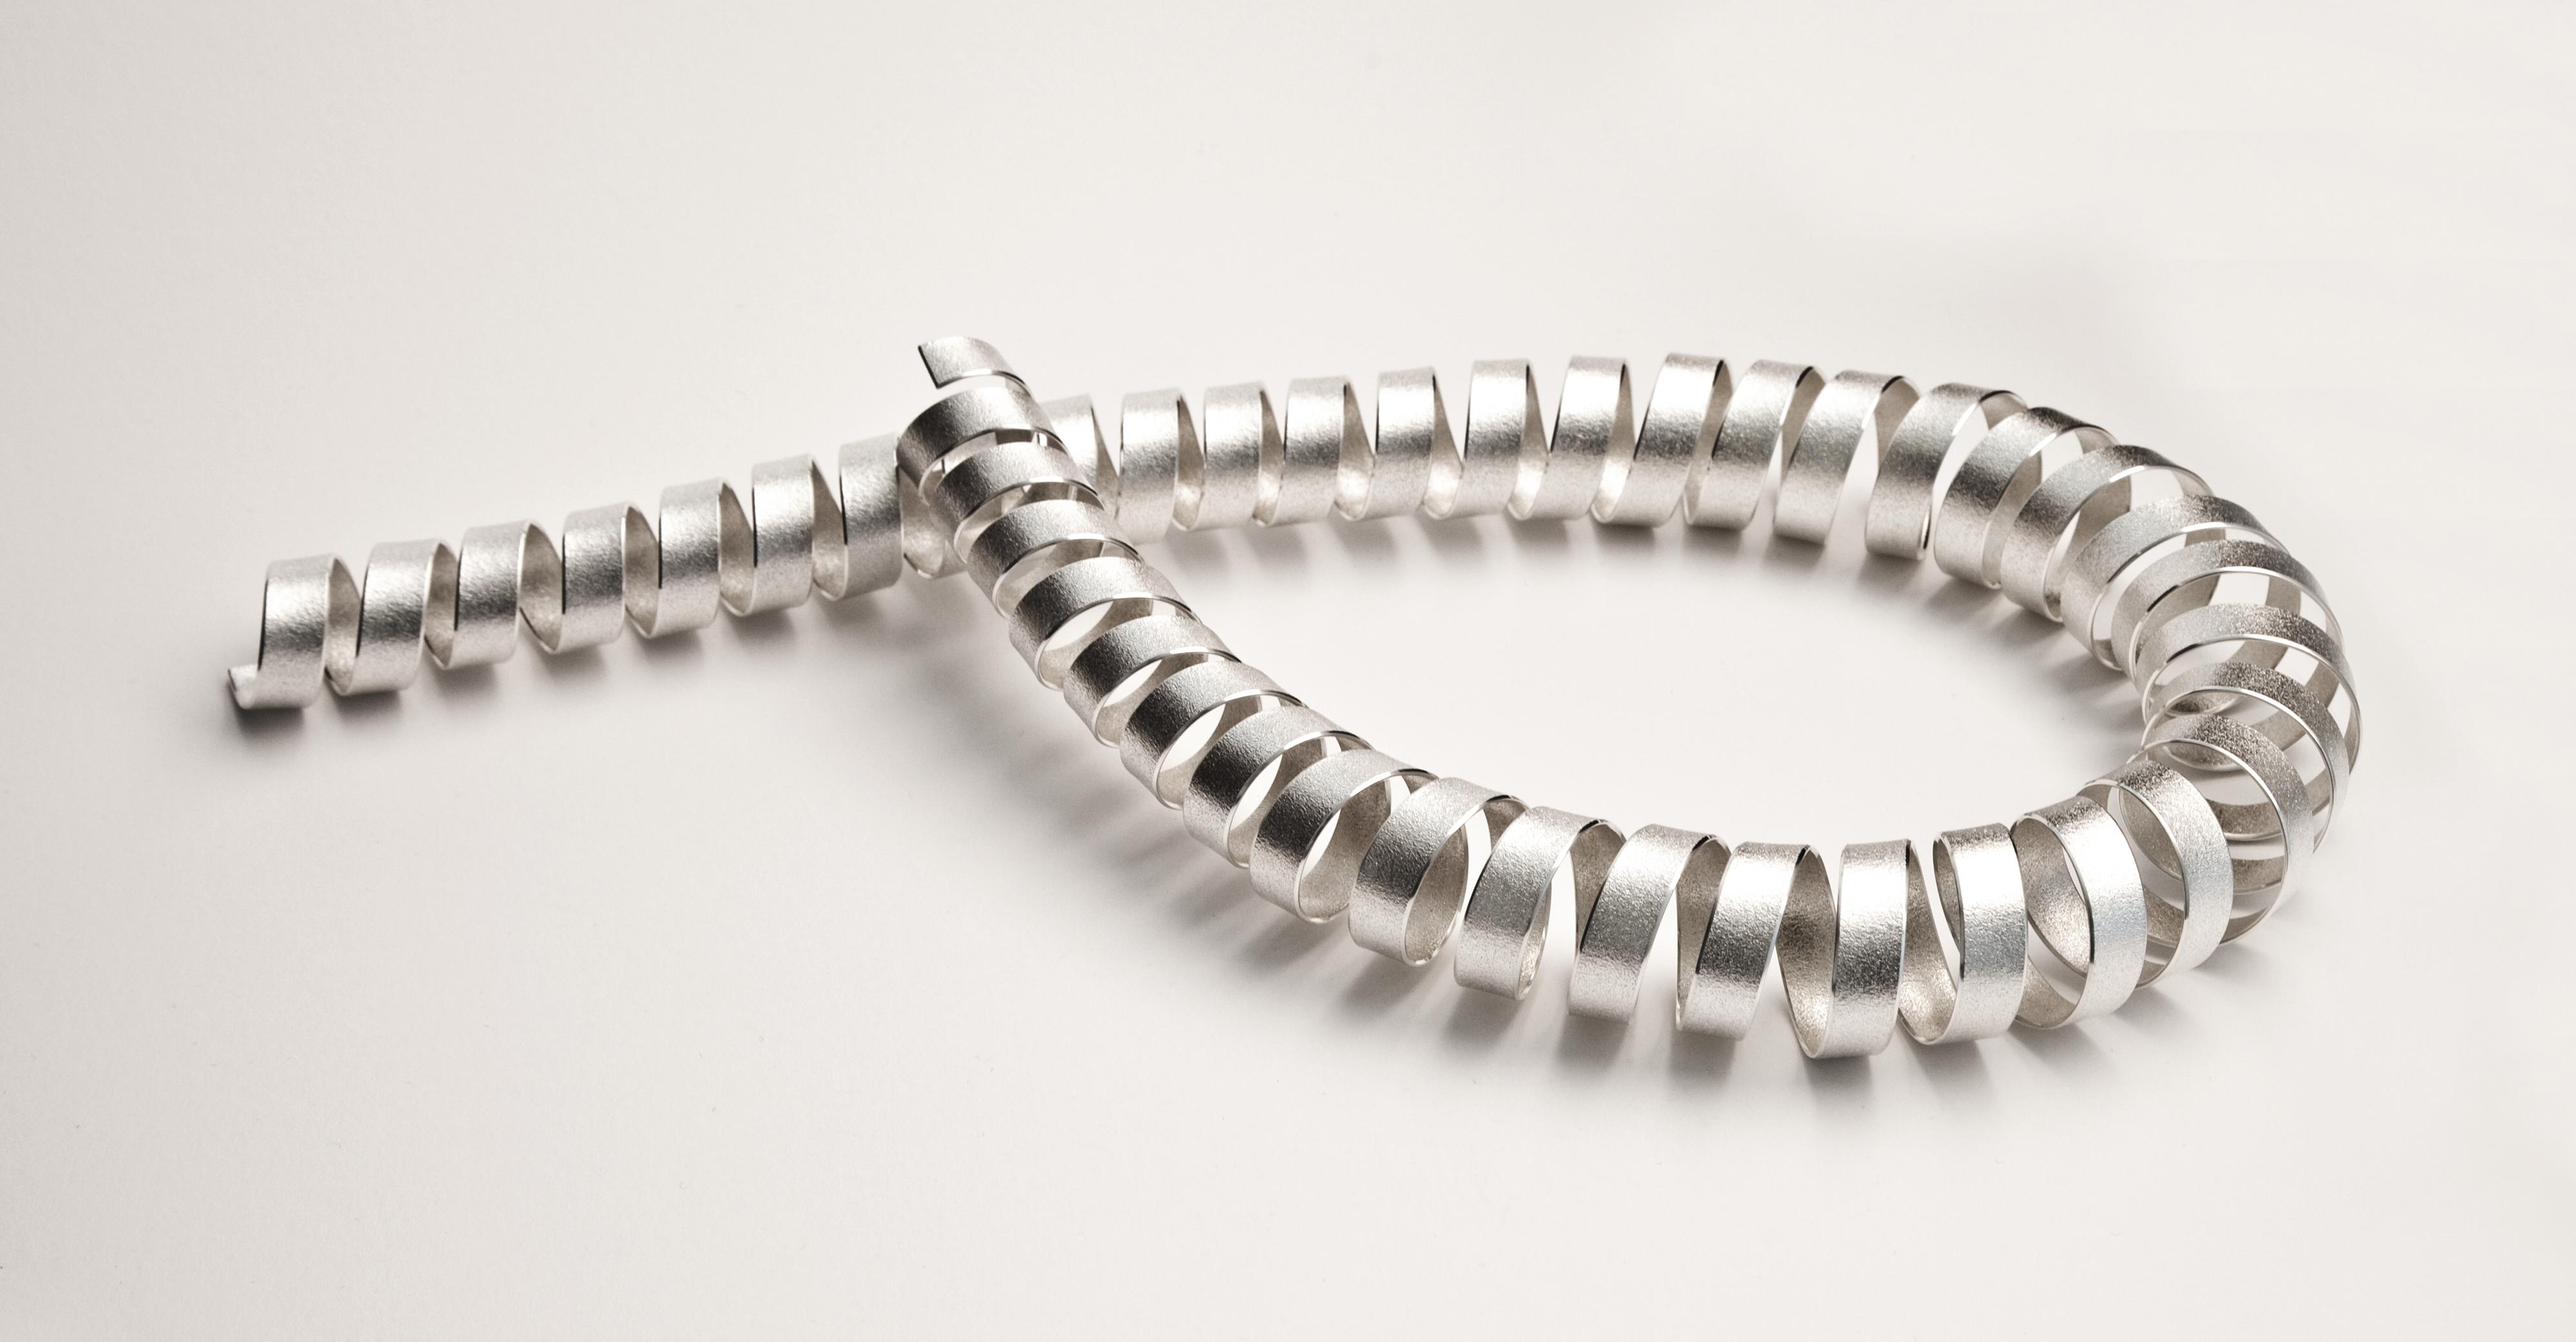 - Spiral